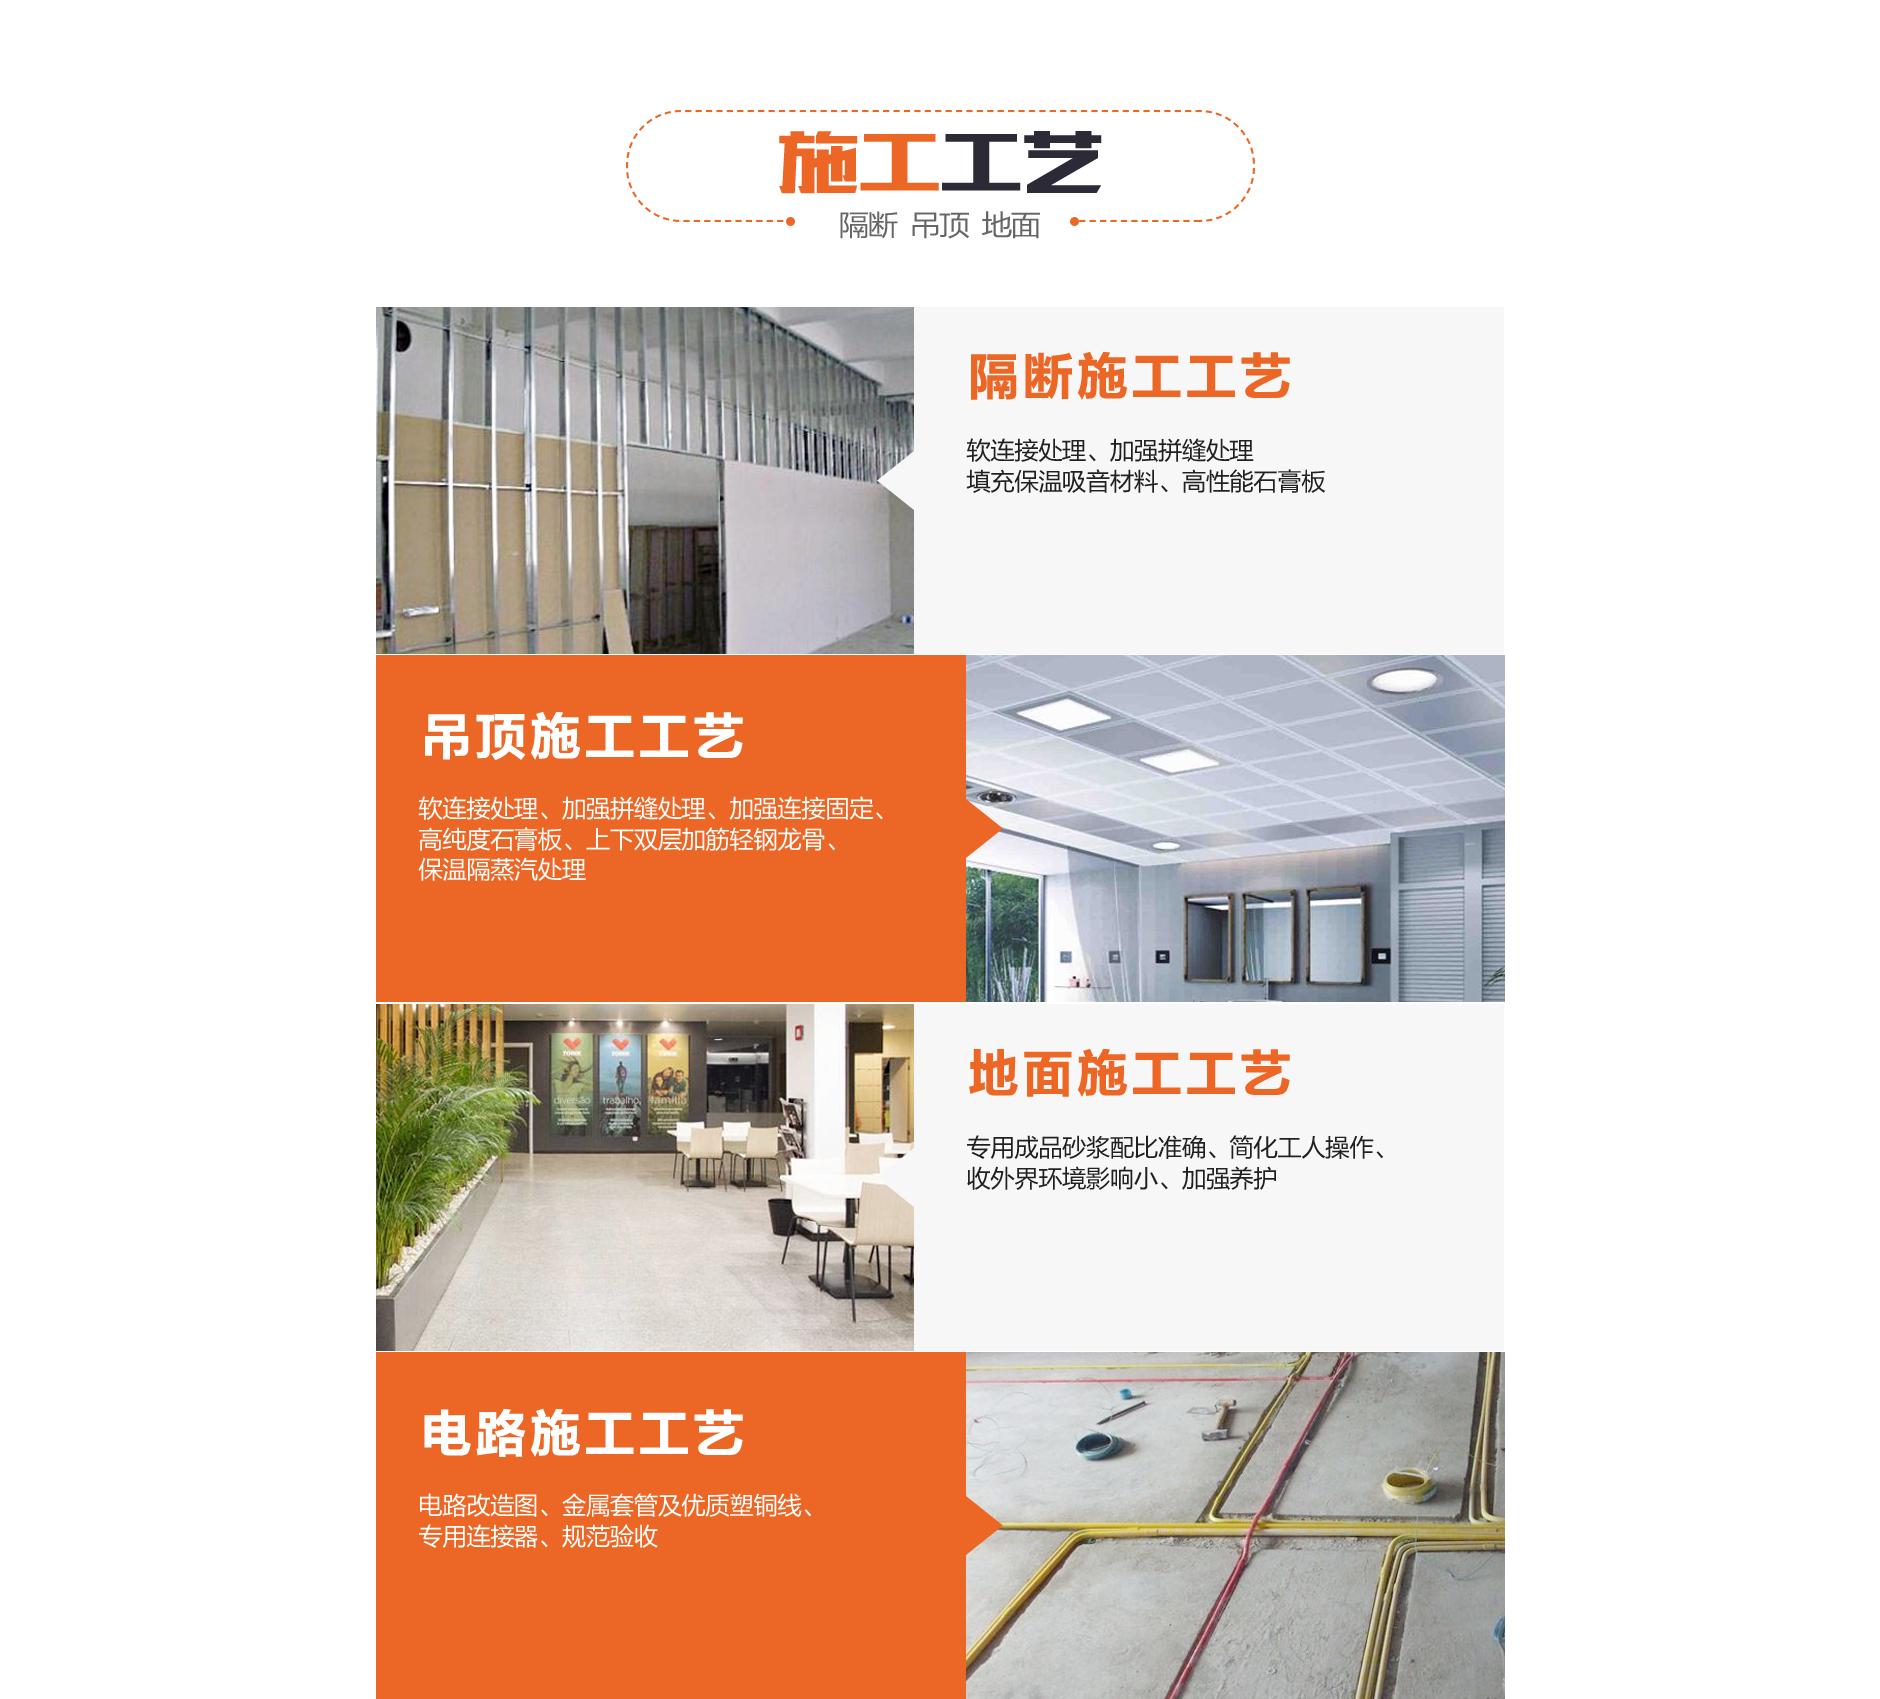 长沙办公室装修每平米报价整装的装修德系施工工艺,5A工程质量保障